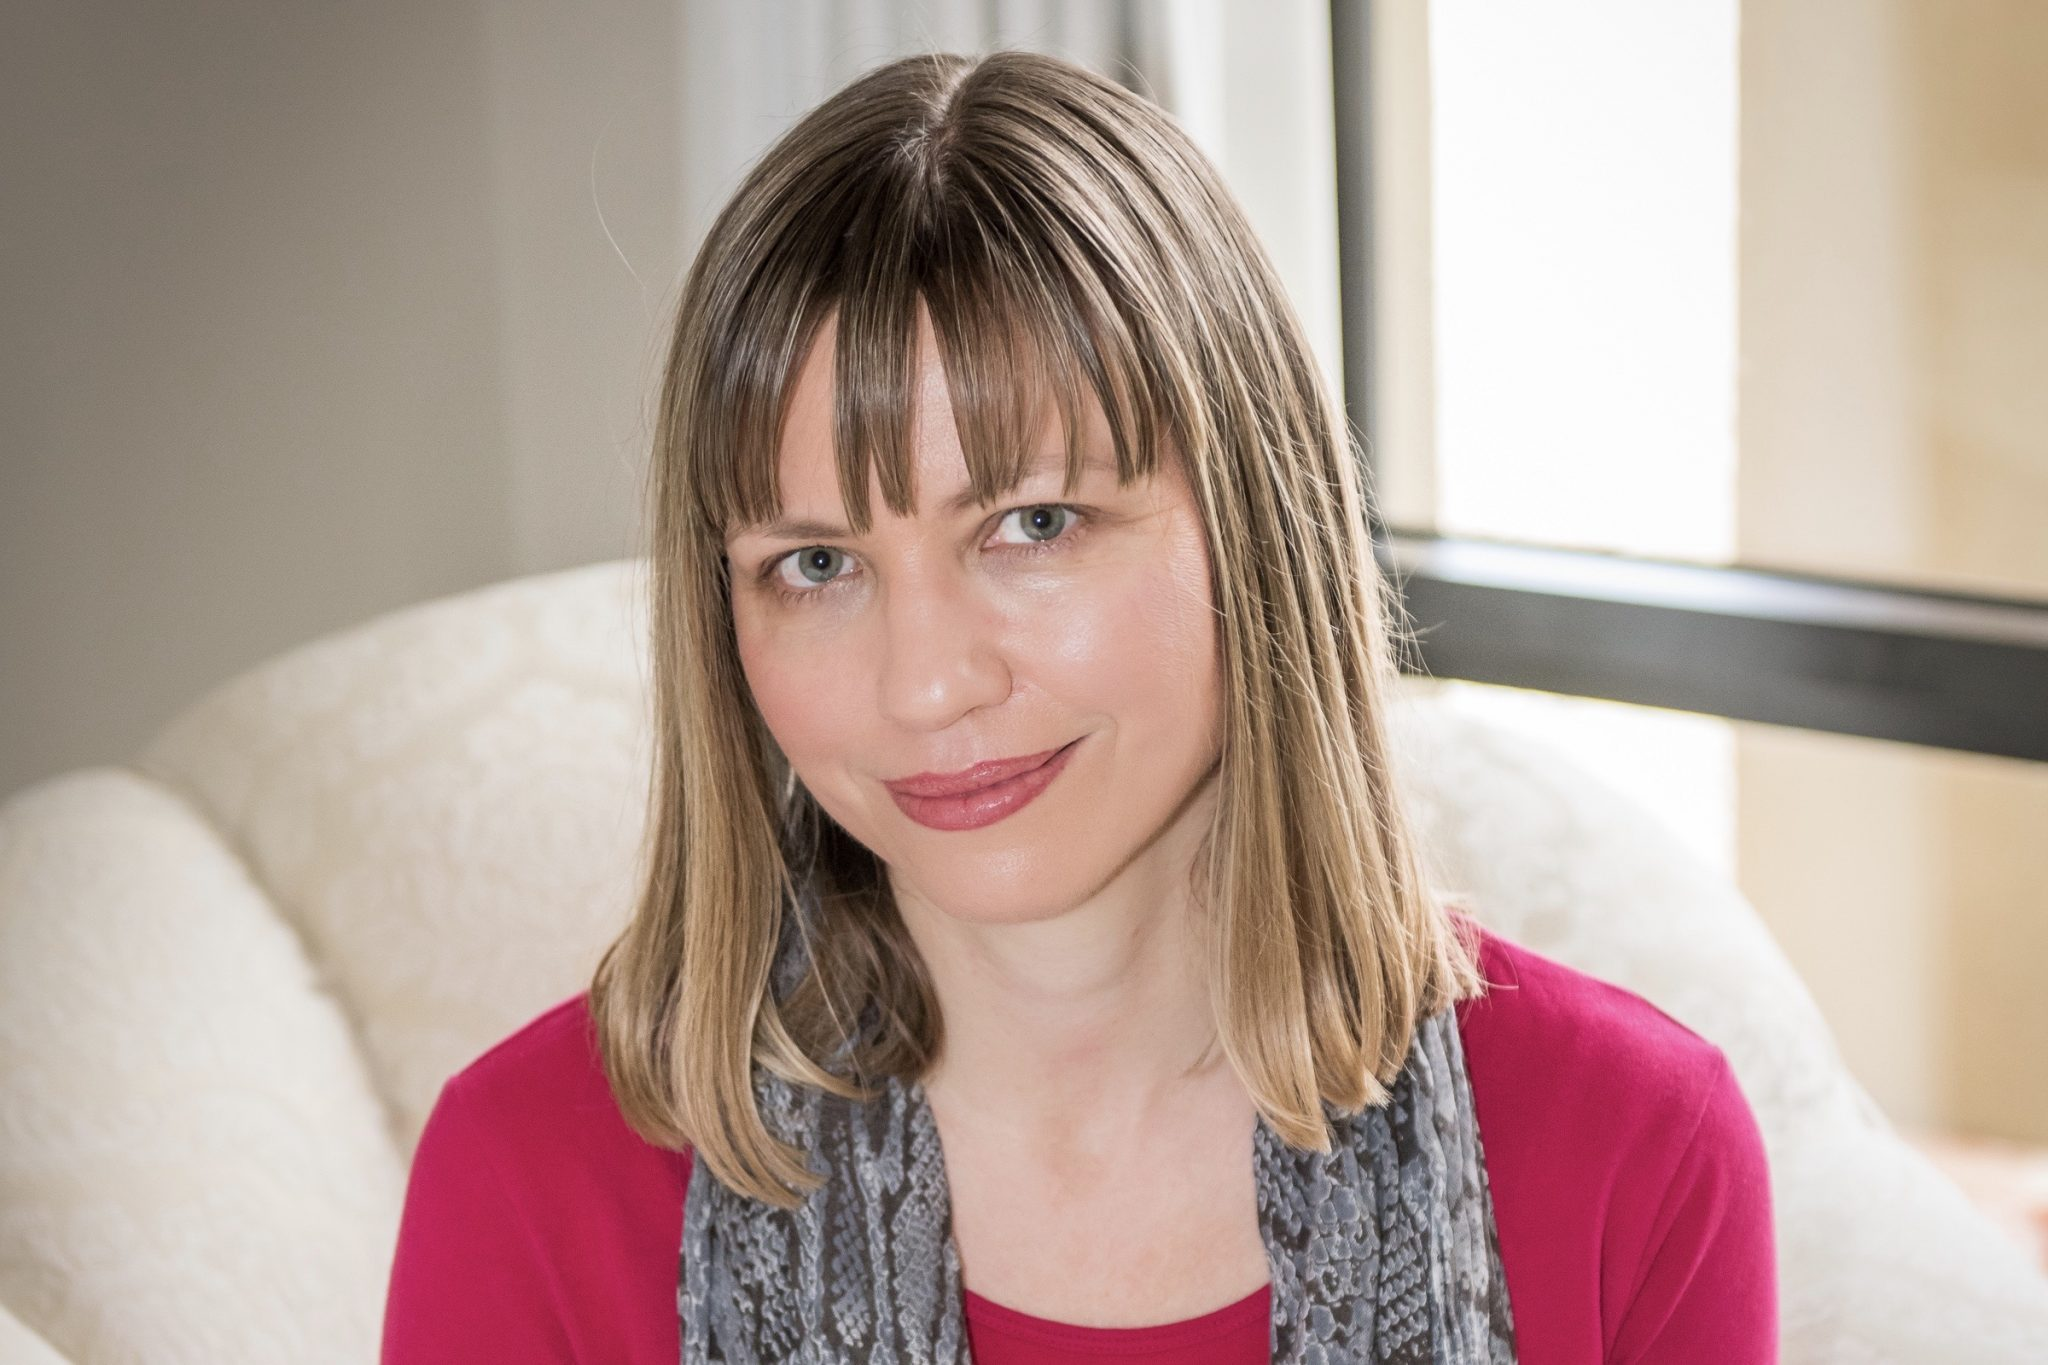 Brenda Gurr